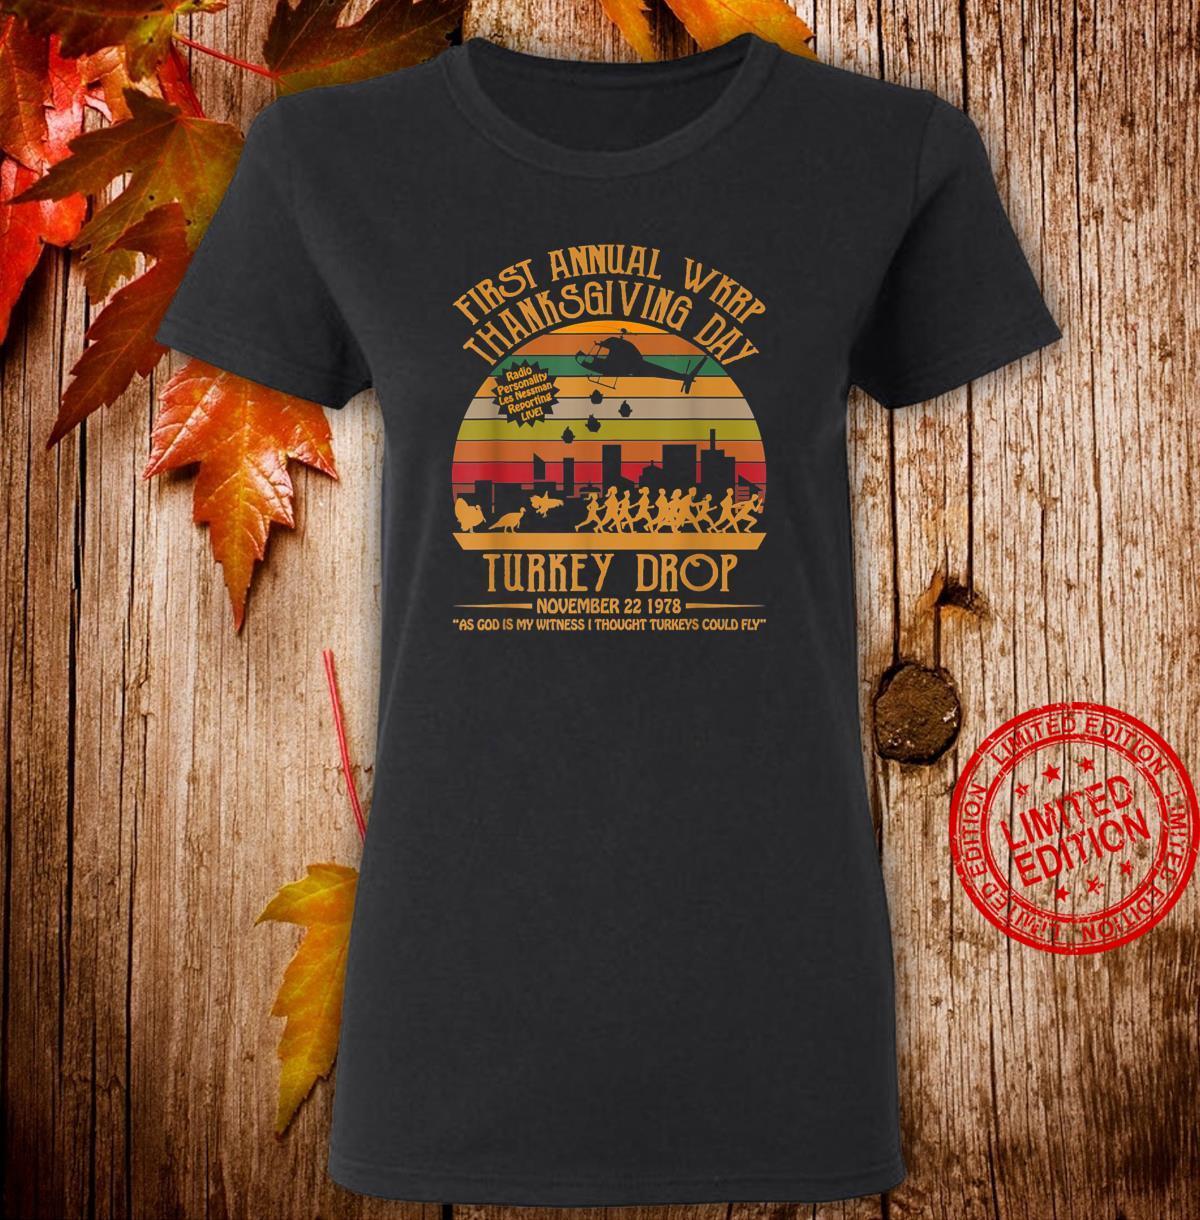 =FirstAnnualWKRPThanksgivingDay TurkeyDrop= Shirt ladies tee